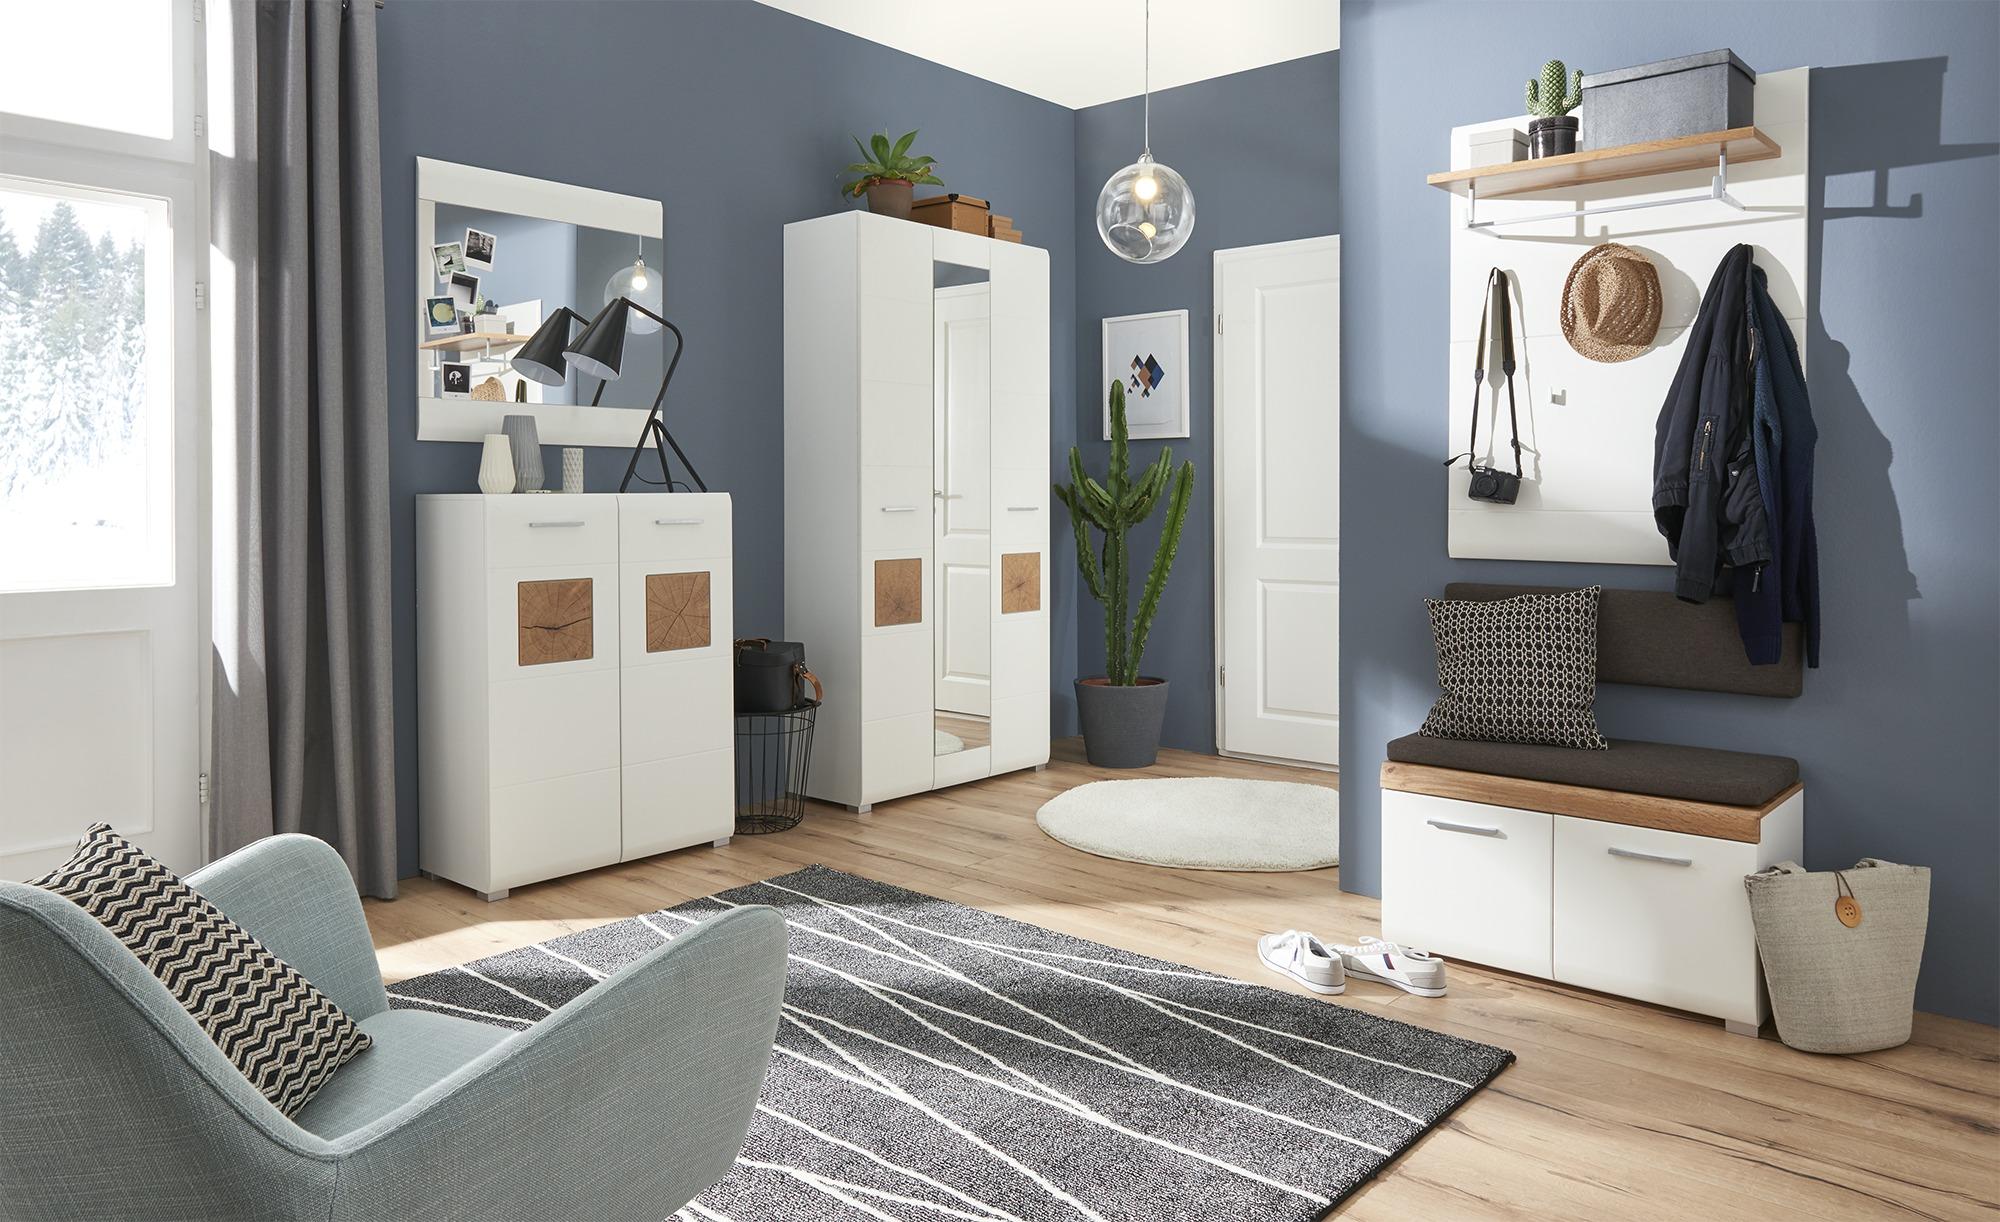 Garderoben-Set Cortina, gefunden bei Möbel Höffner